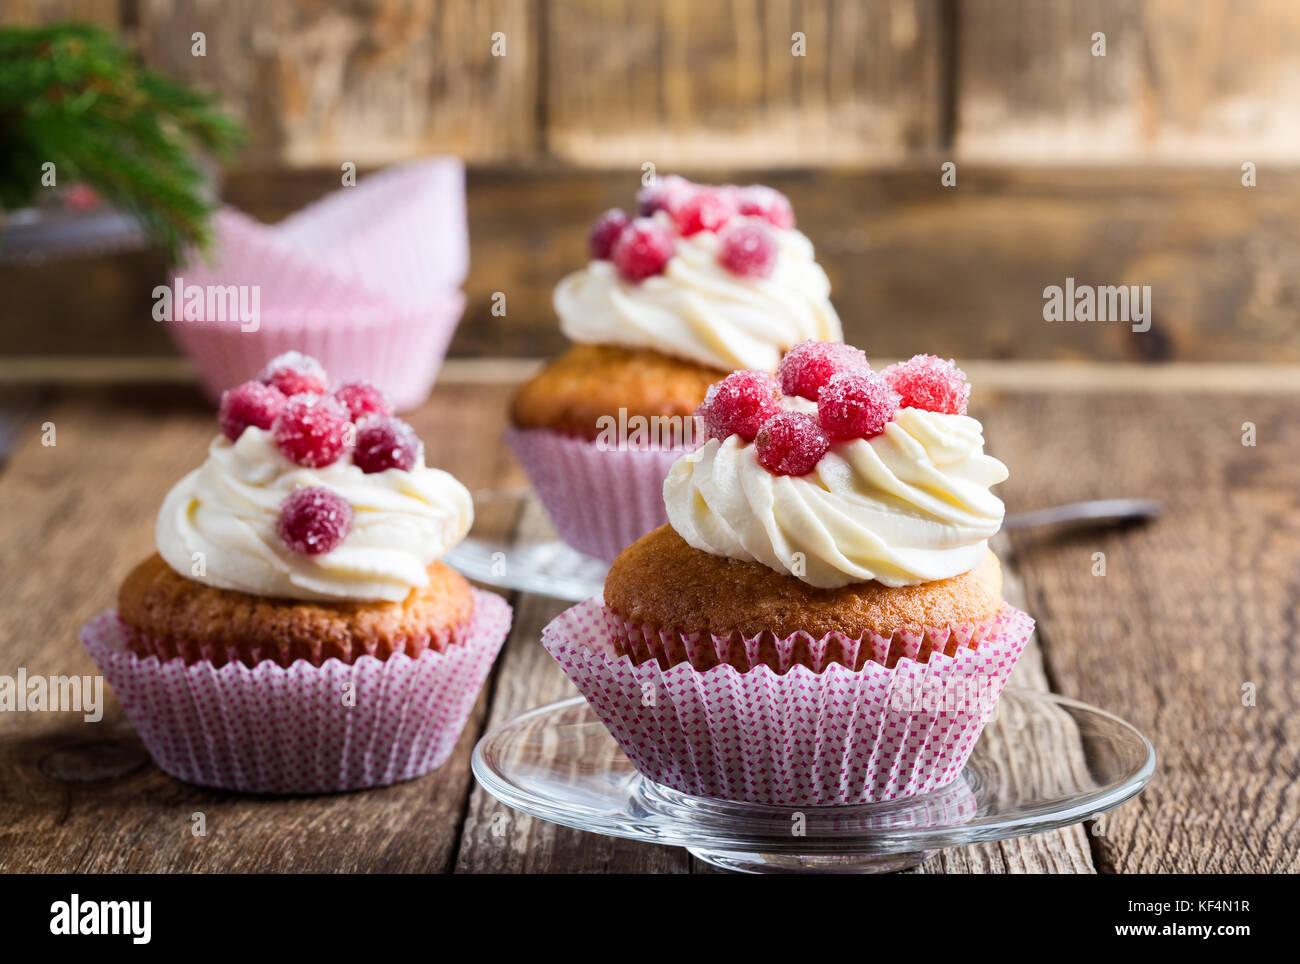 Confitura de arándanos rojos y crema de queso pastelitos caseros sobre la plancha de madera. vacaciones de Imagen De Stock